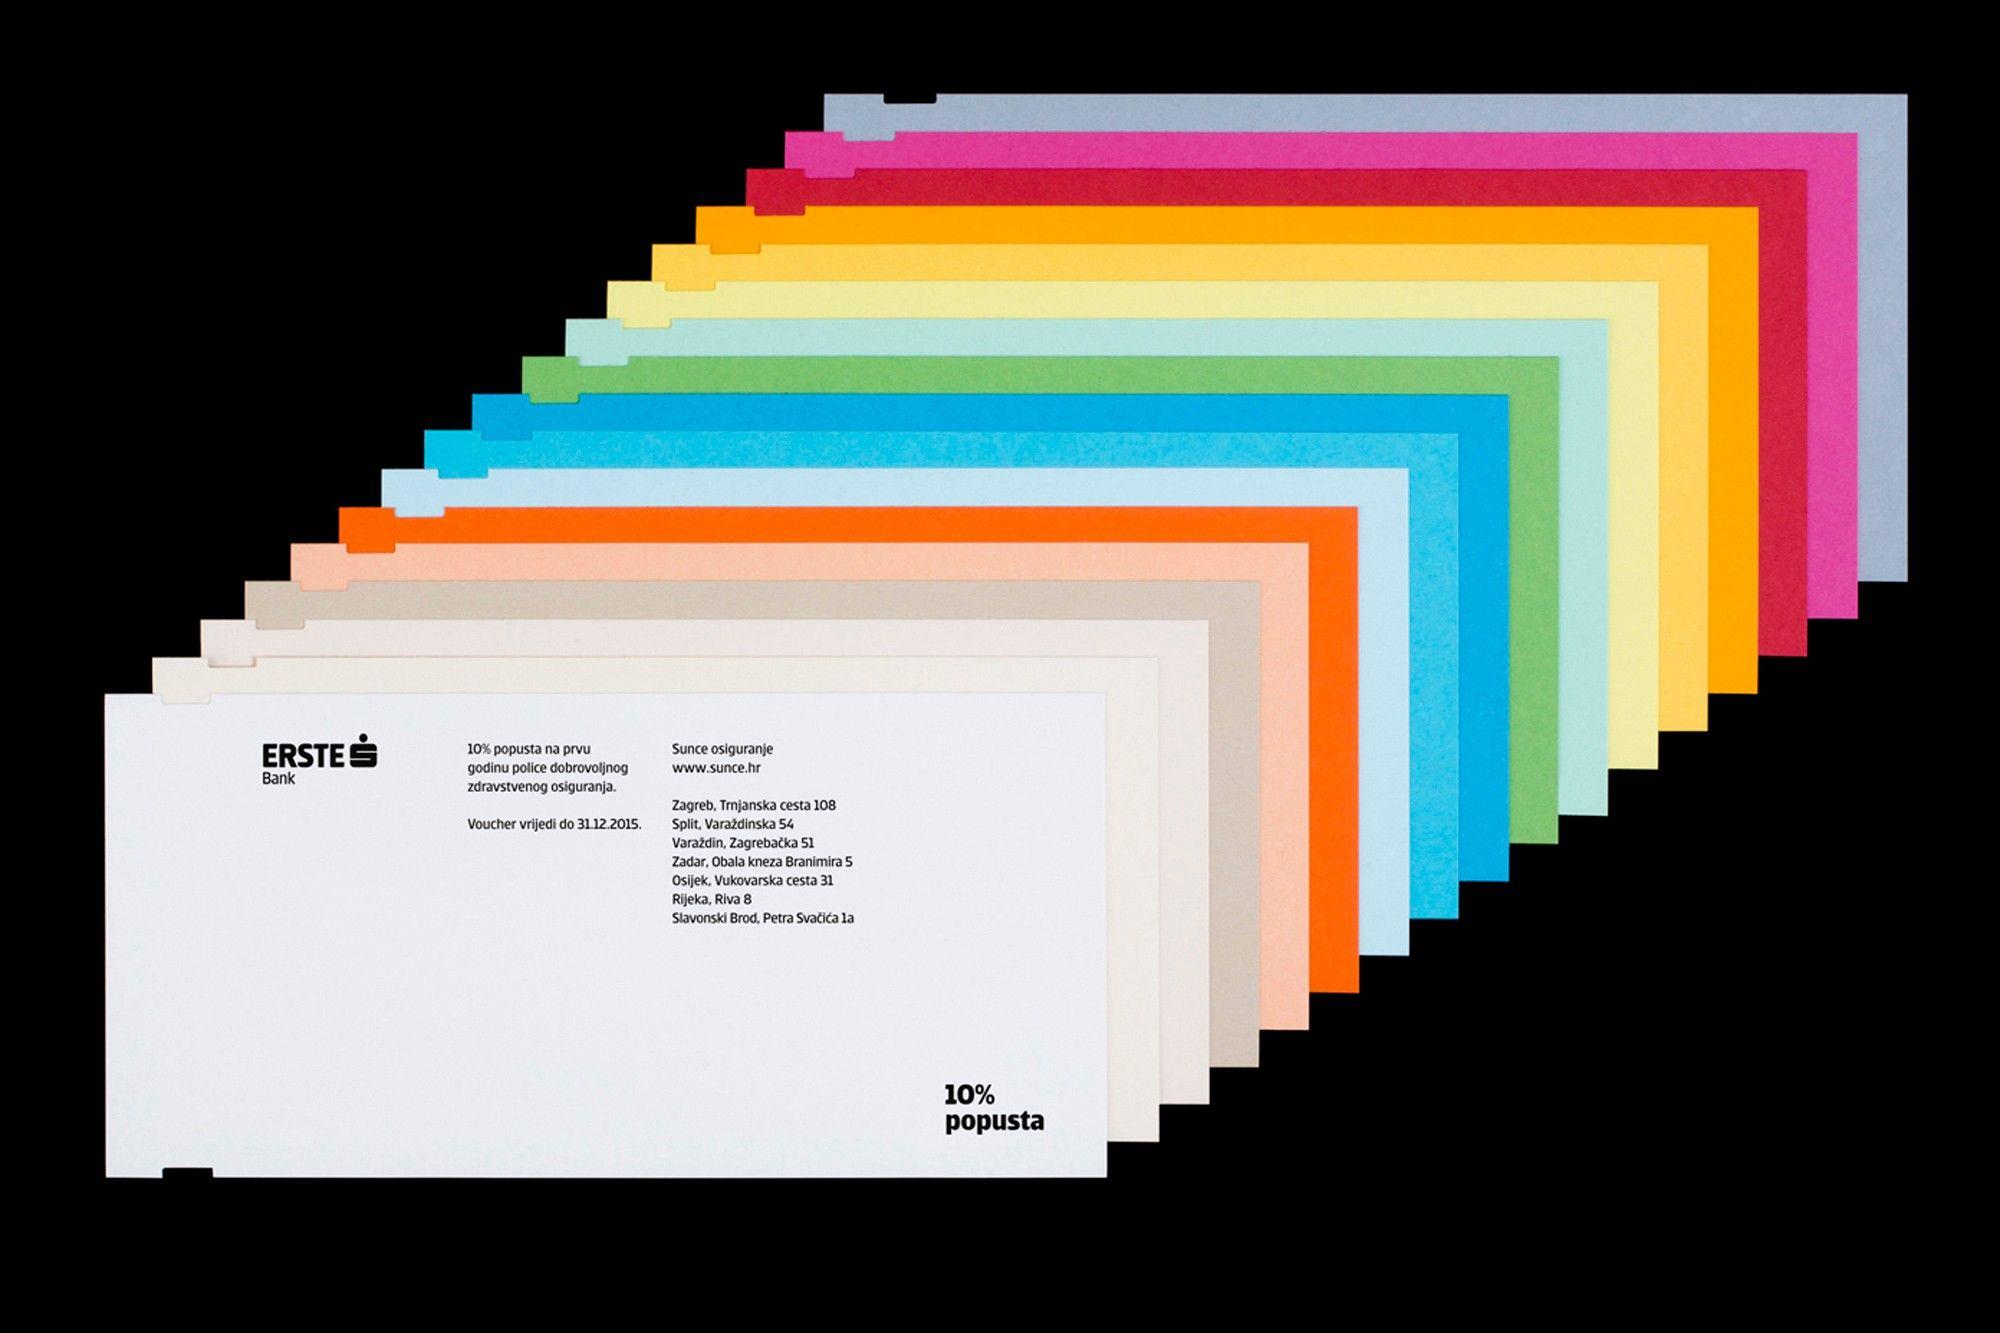 Erste Steiermarkische Bank Bunch Graphic Design Print Branding Design Editorial Design